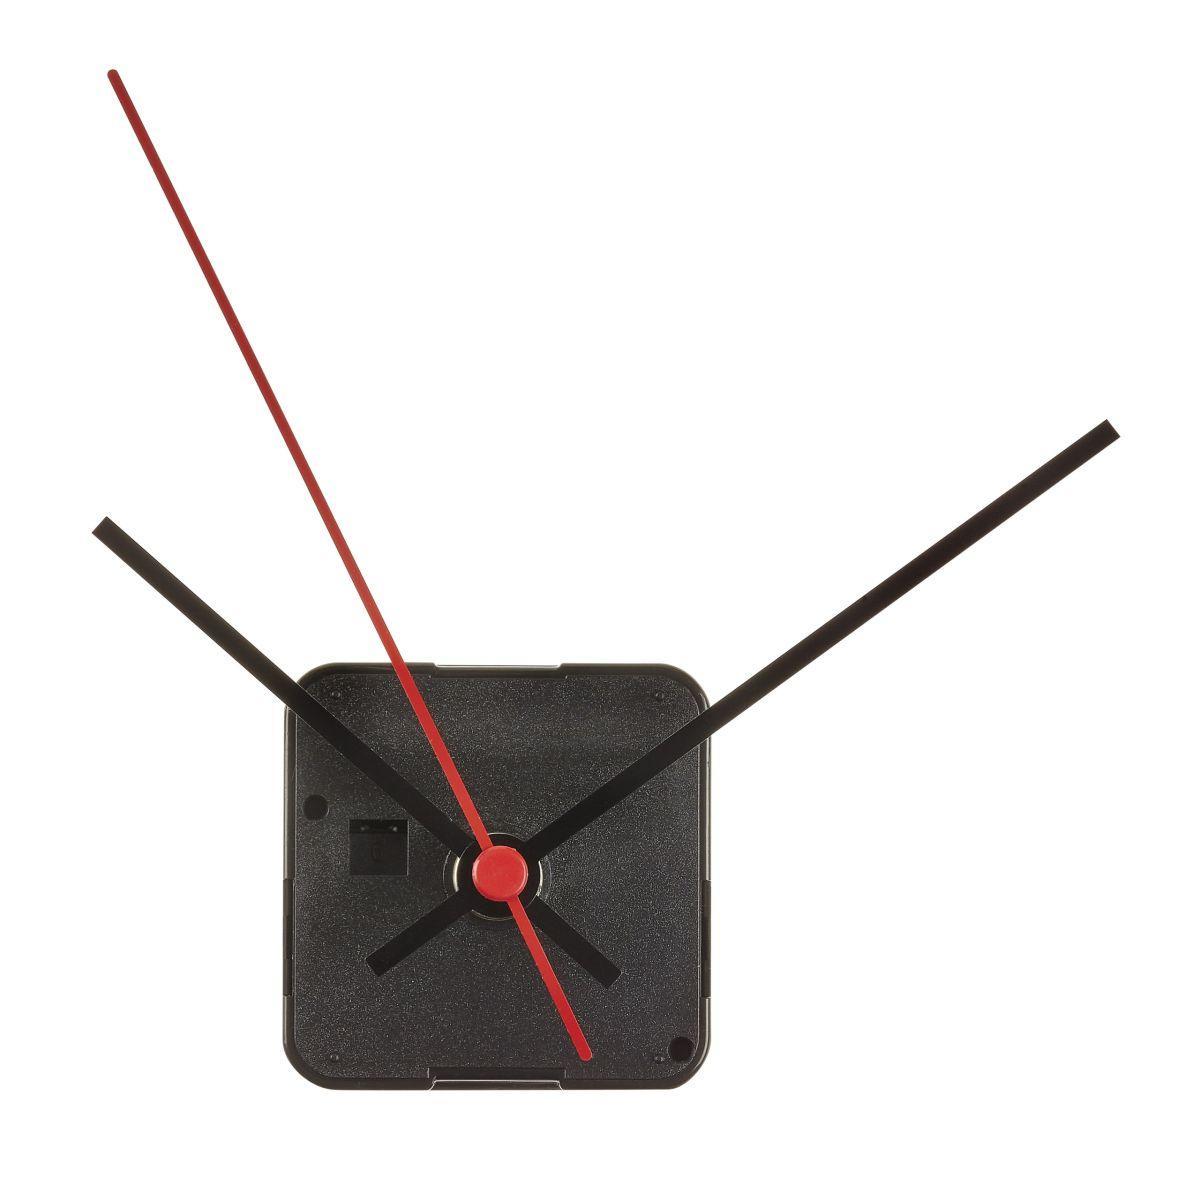 Krystalový hodinový strojek s tichým chodem TFA 60.3061.01